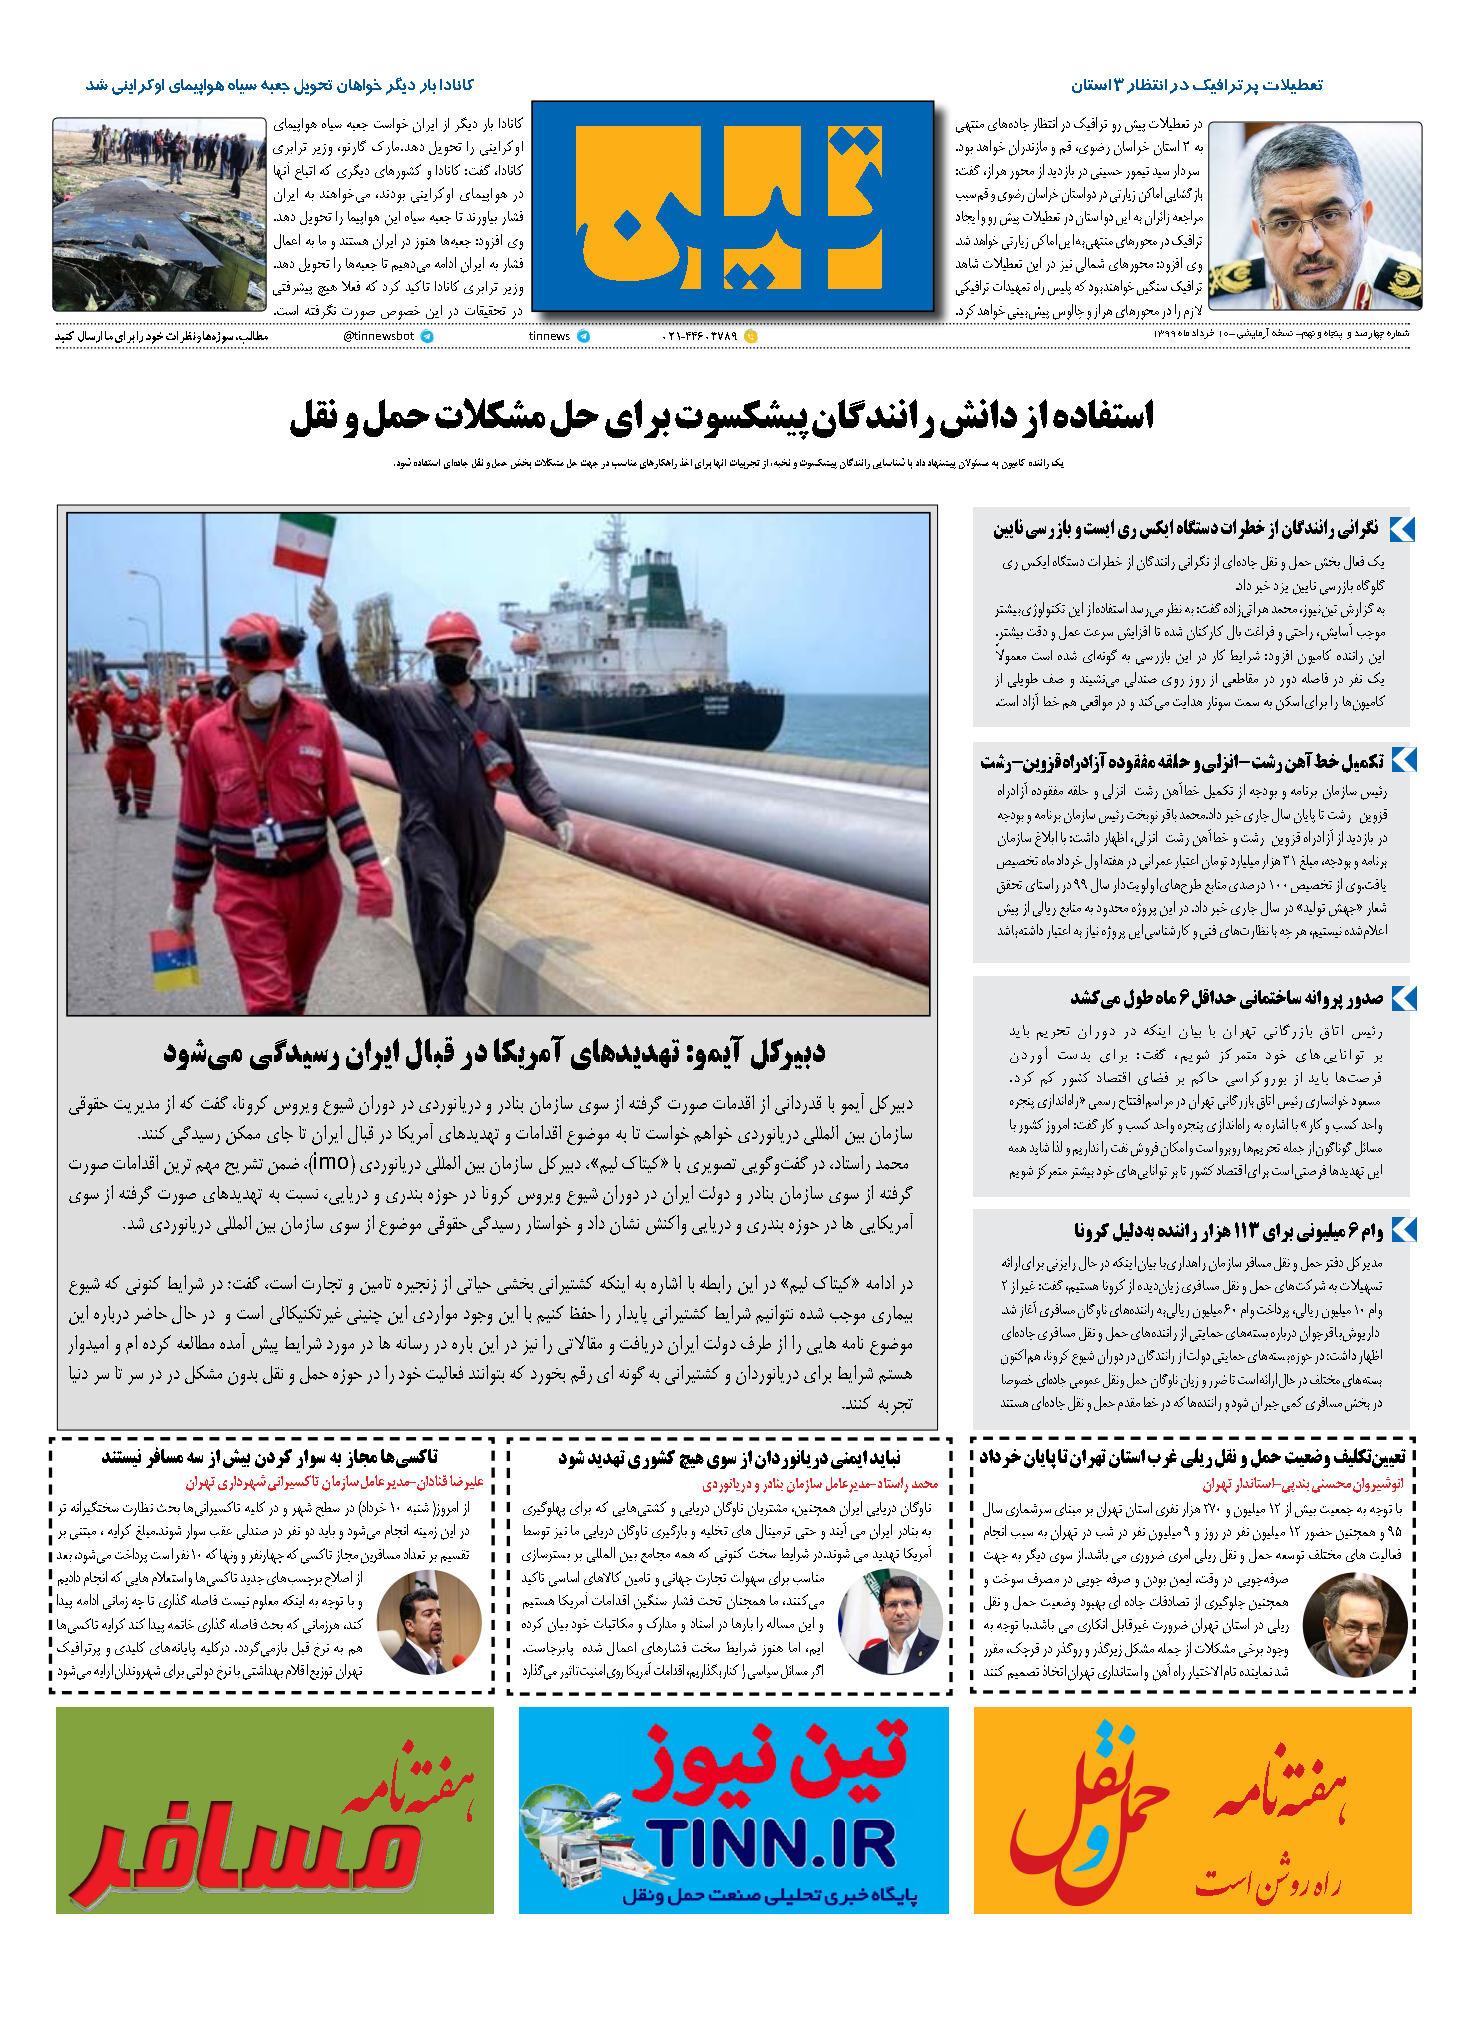 روزنامه الکترونیک 10 خردادماه 99